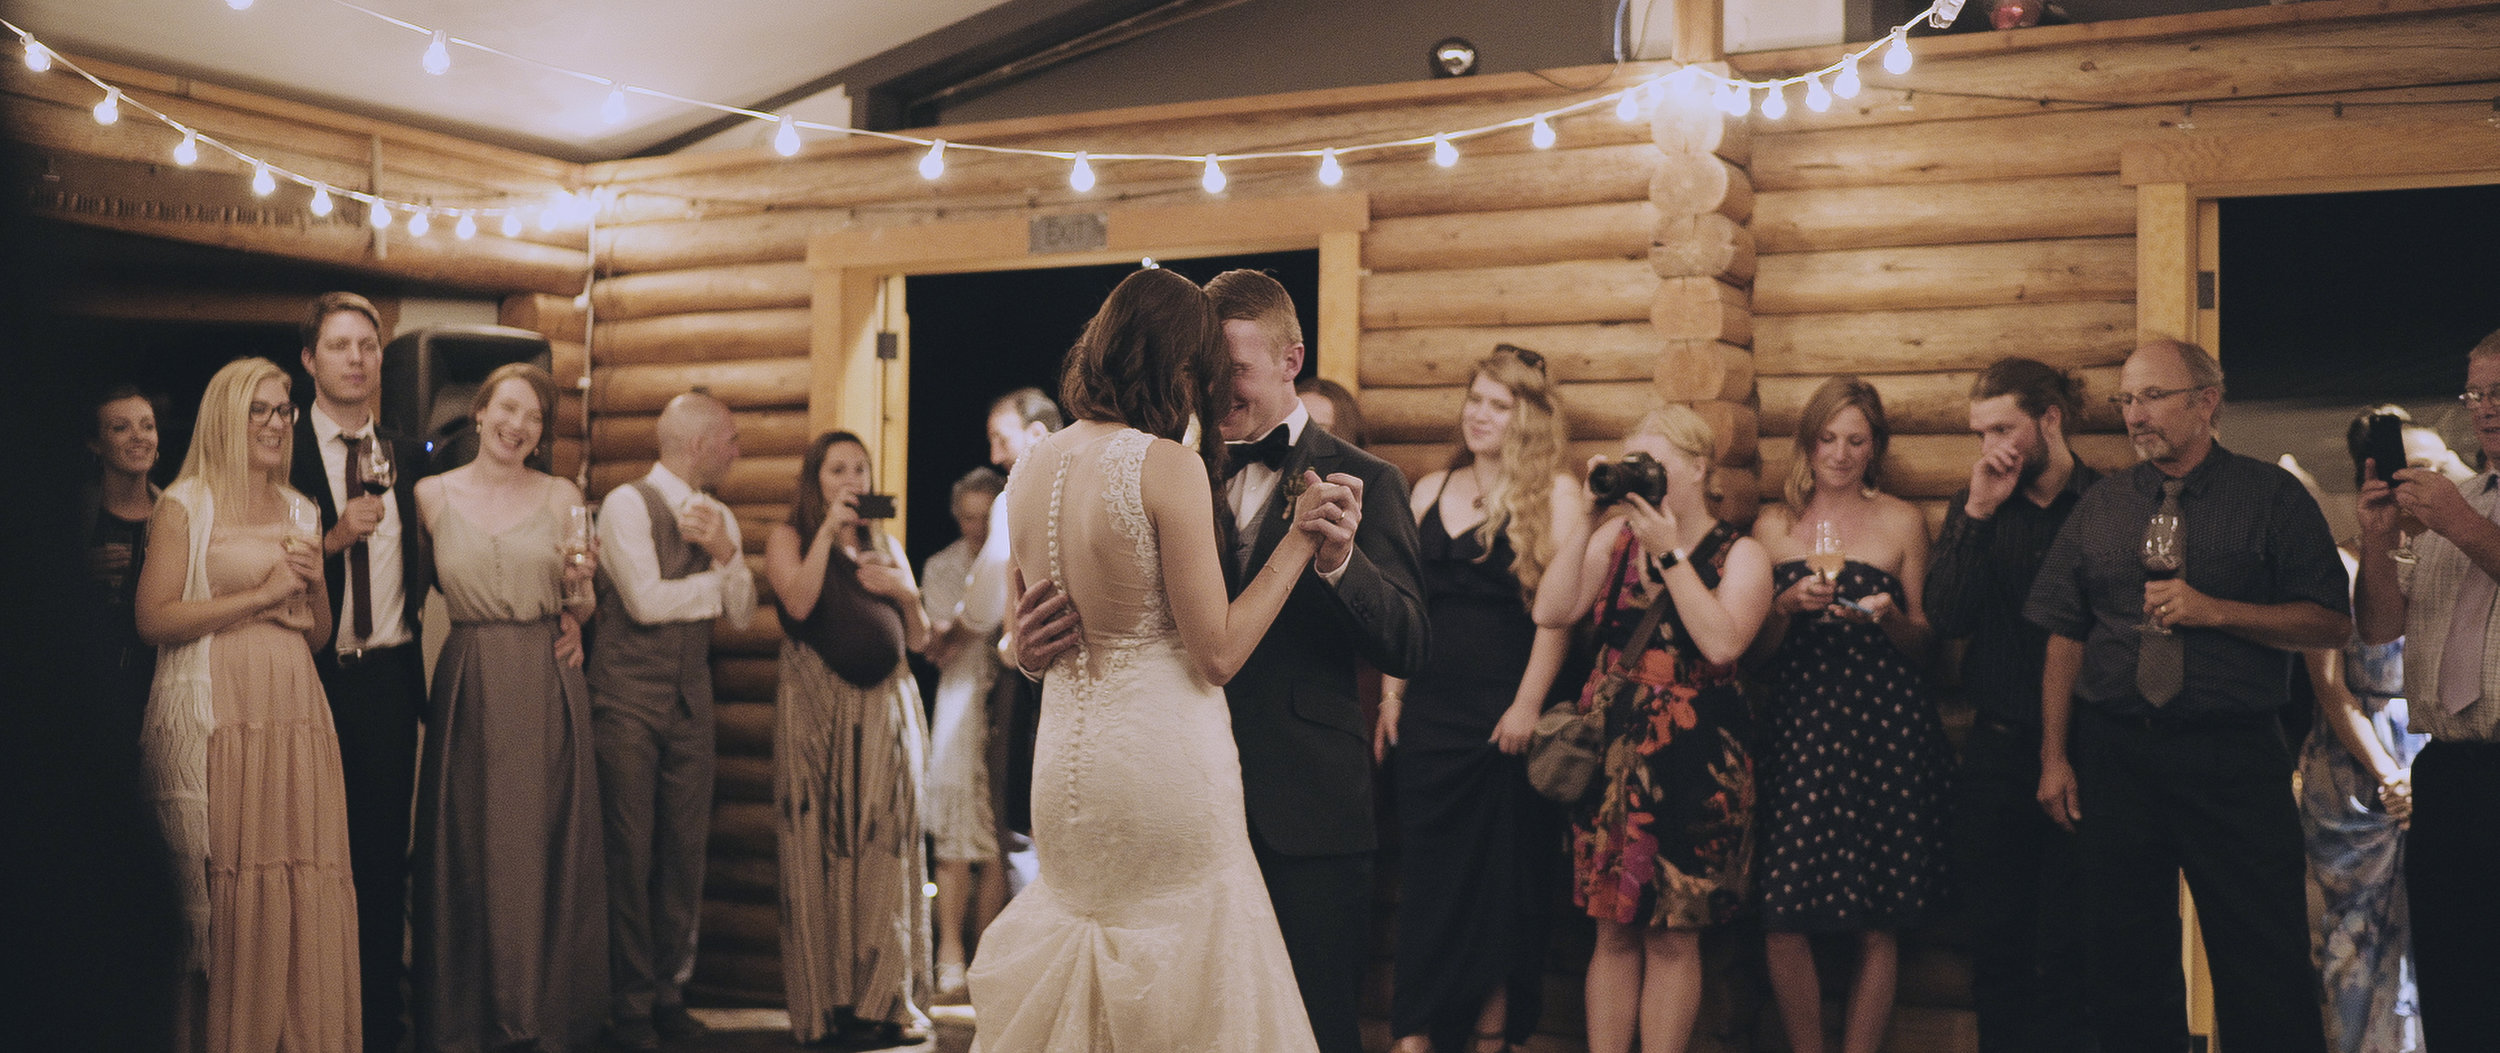 Wedding at Bodega Ridge Resort-4.jpg